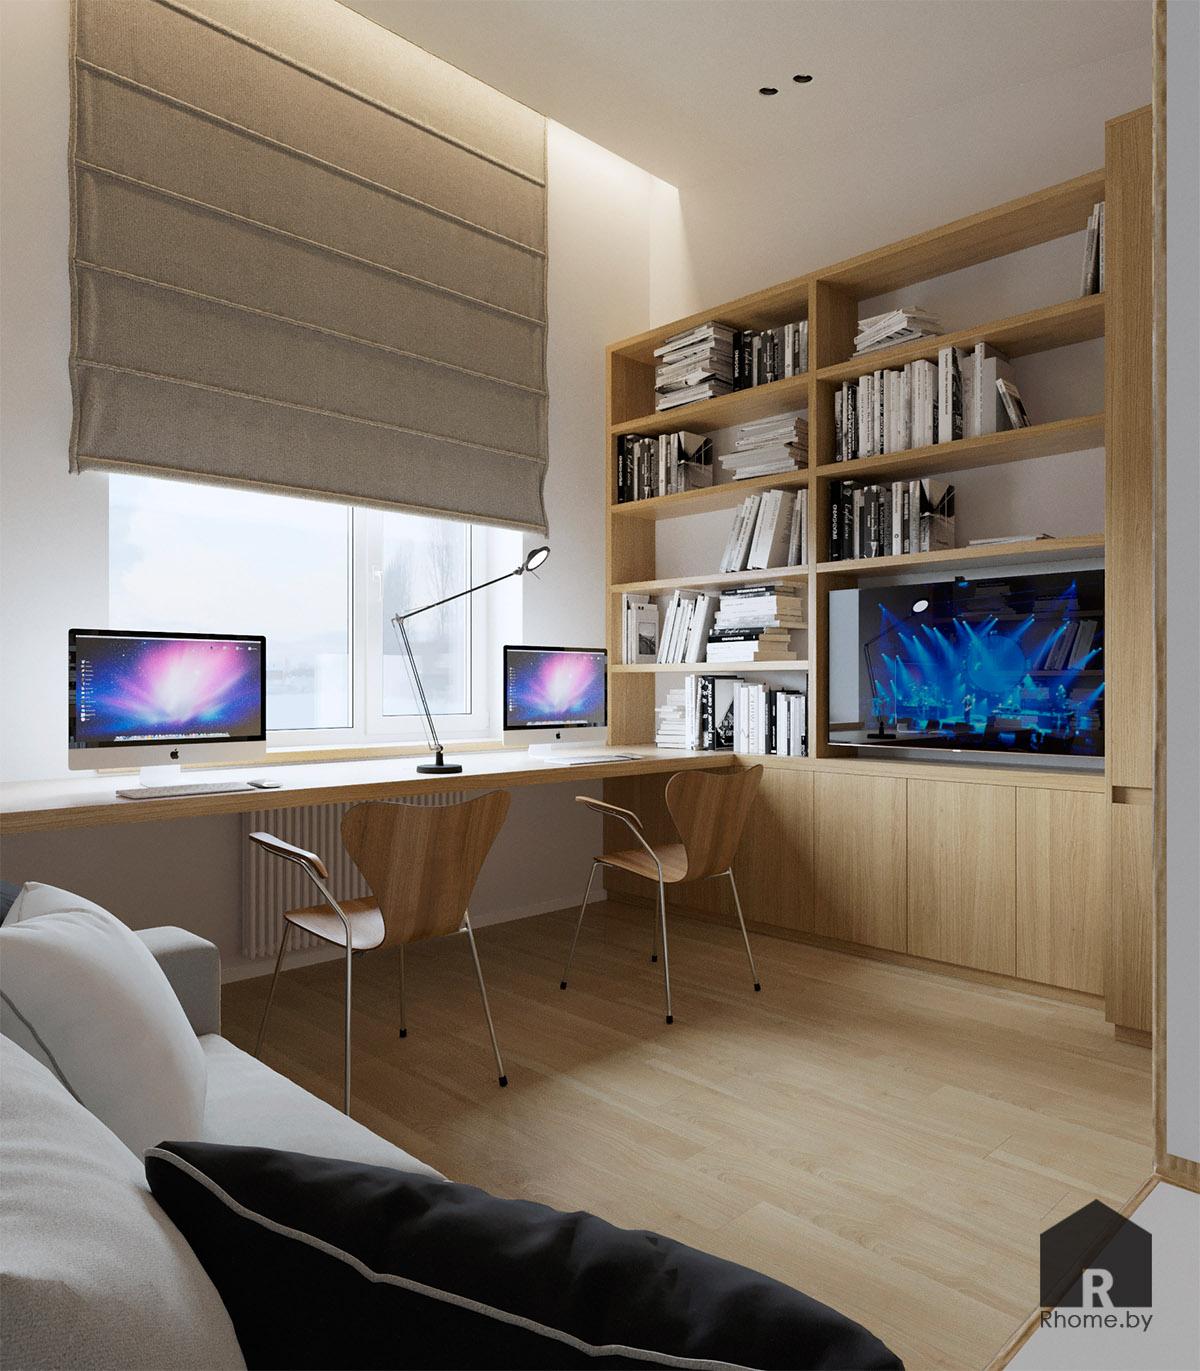 Дизайн интерьера комнаты в Березовой роще | Дизайн студия – Rhome.by